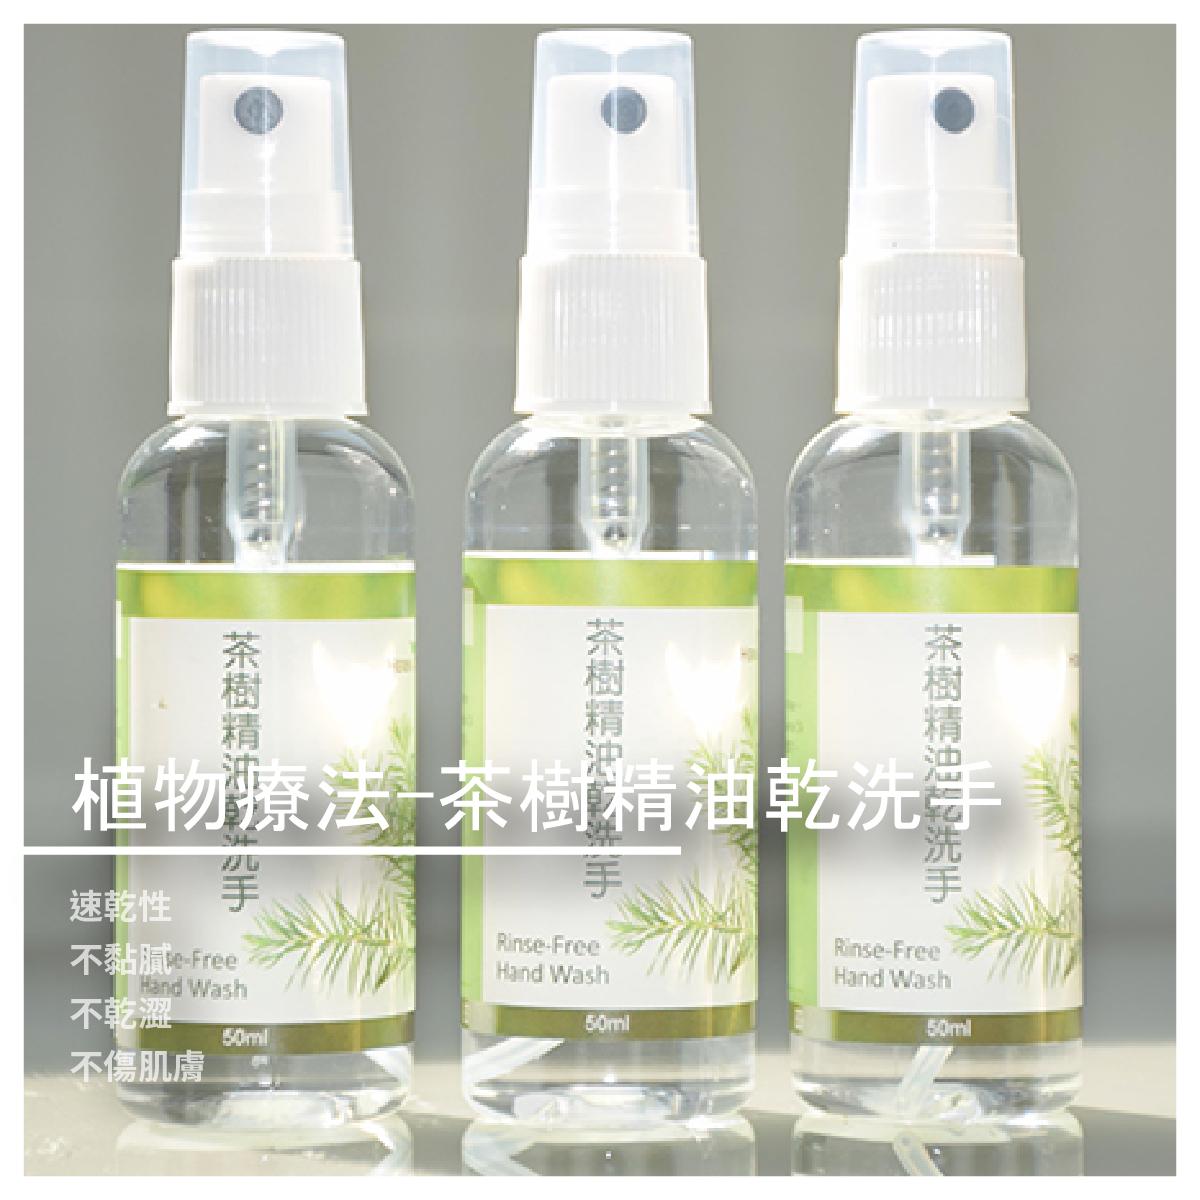 【獨領風騷精品】植物療法-茶樹精油乾洗手